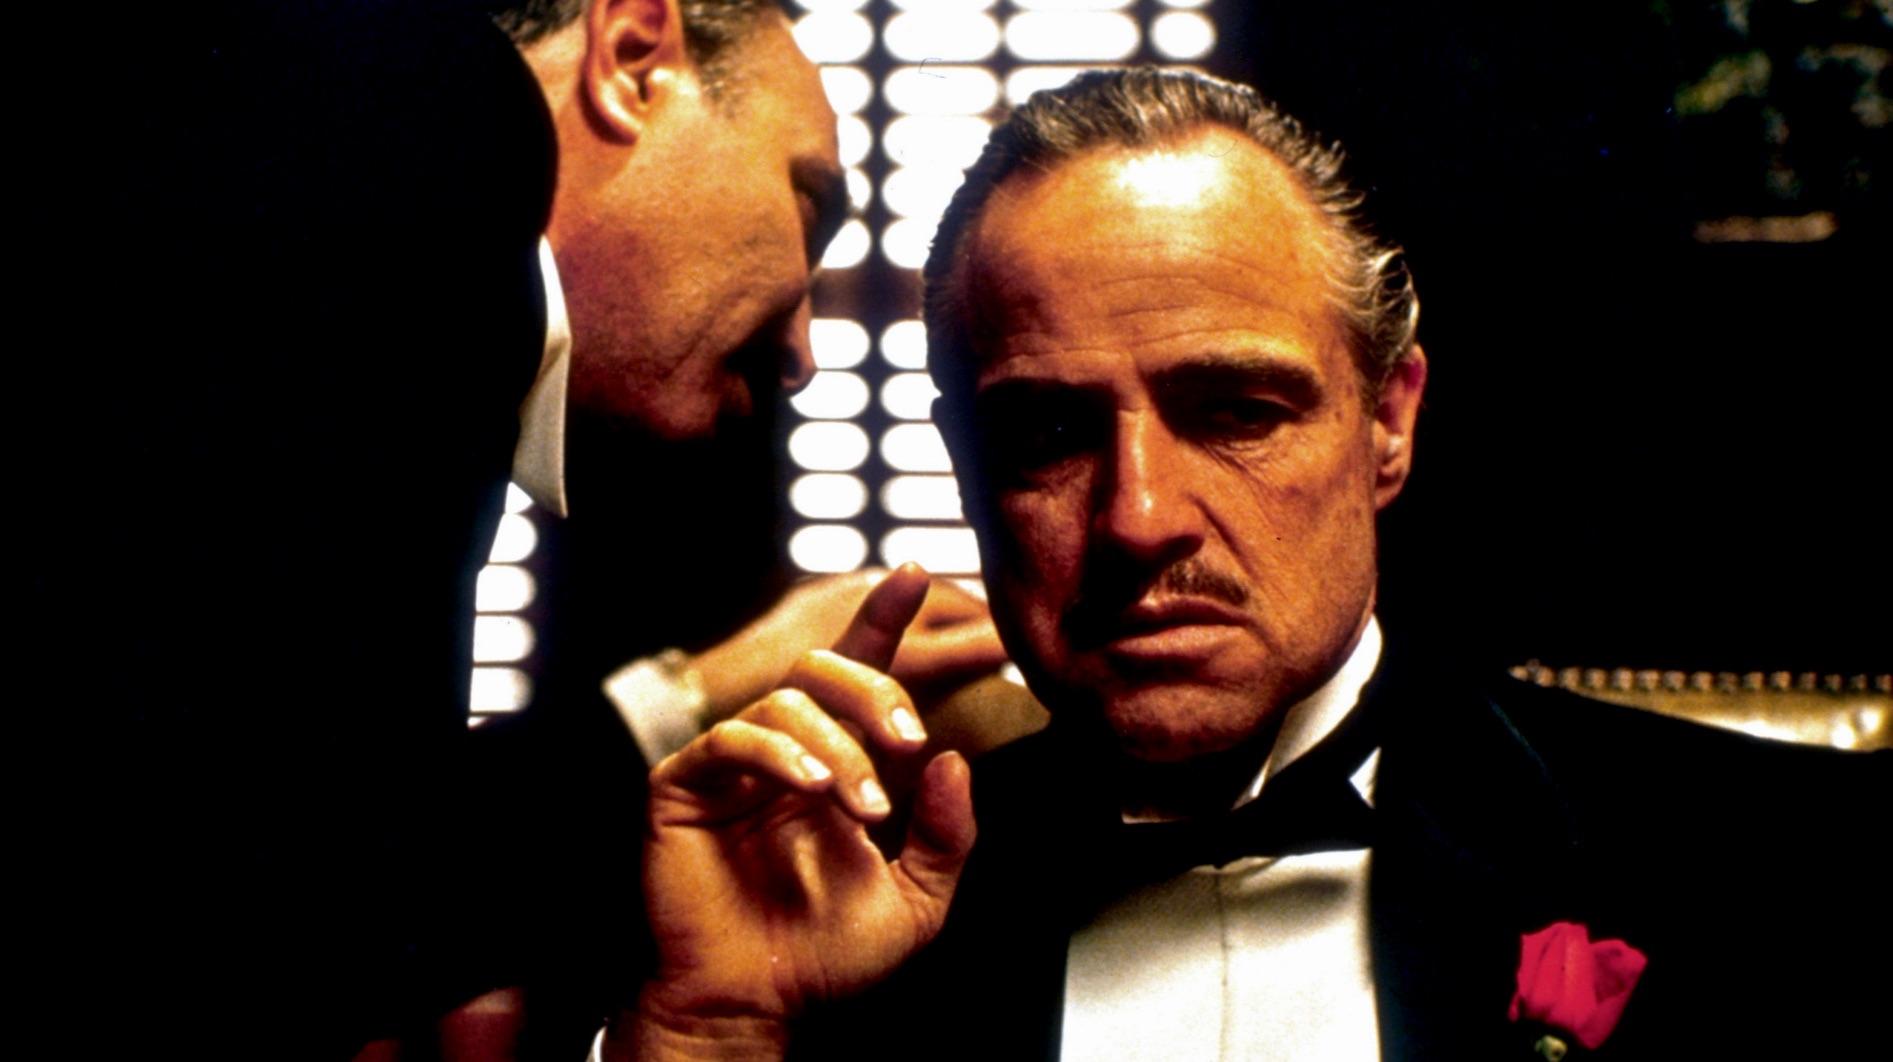 دون ویتو کورلئونه بازیگری مارلون براندو - Don Vito Corleone With Marlon Brando